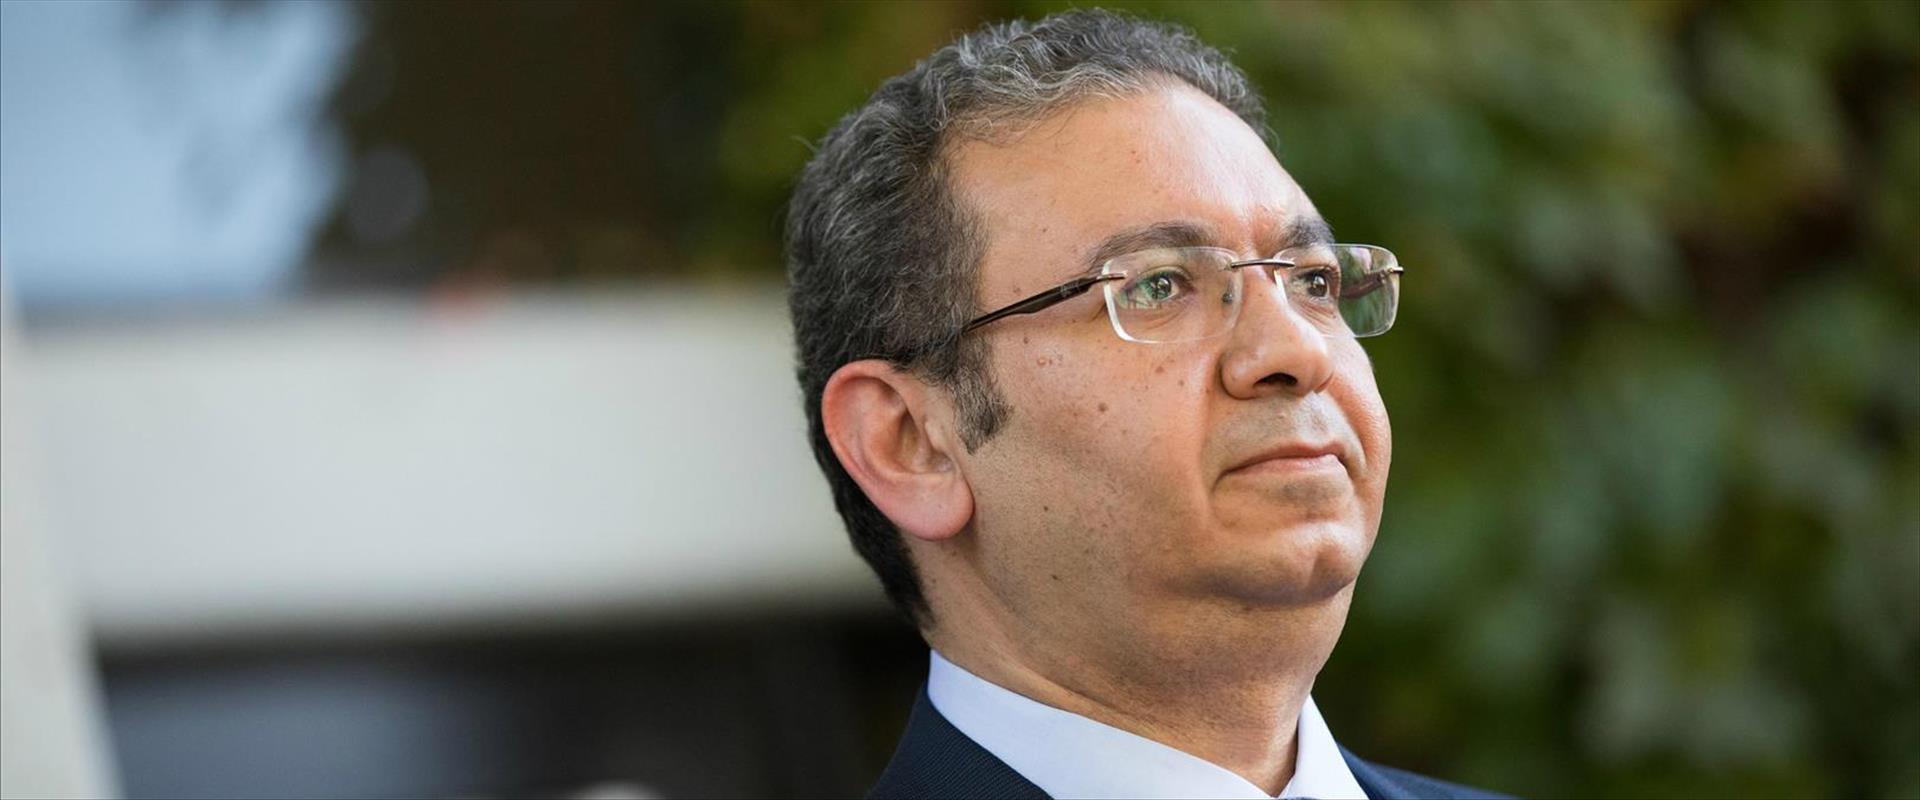 שגריר מצרים בישראל ח'אלד עזמי